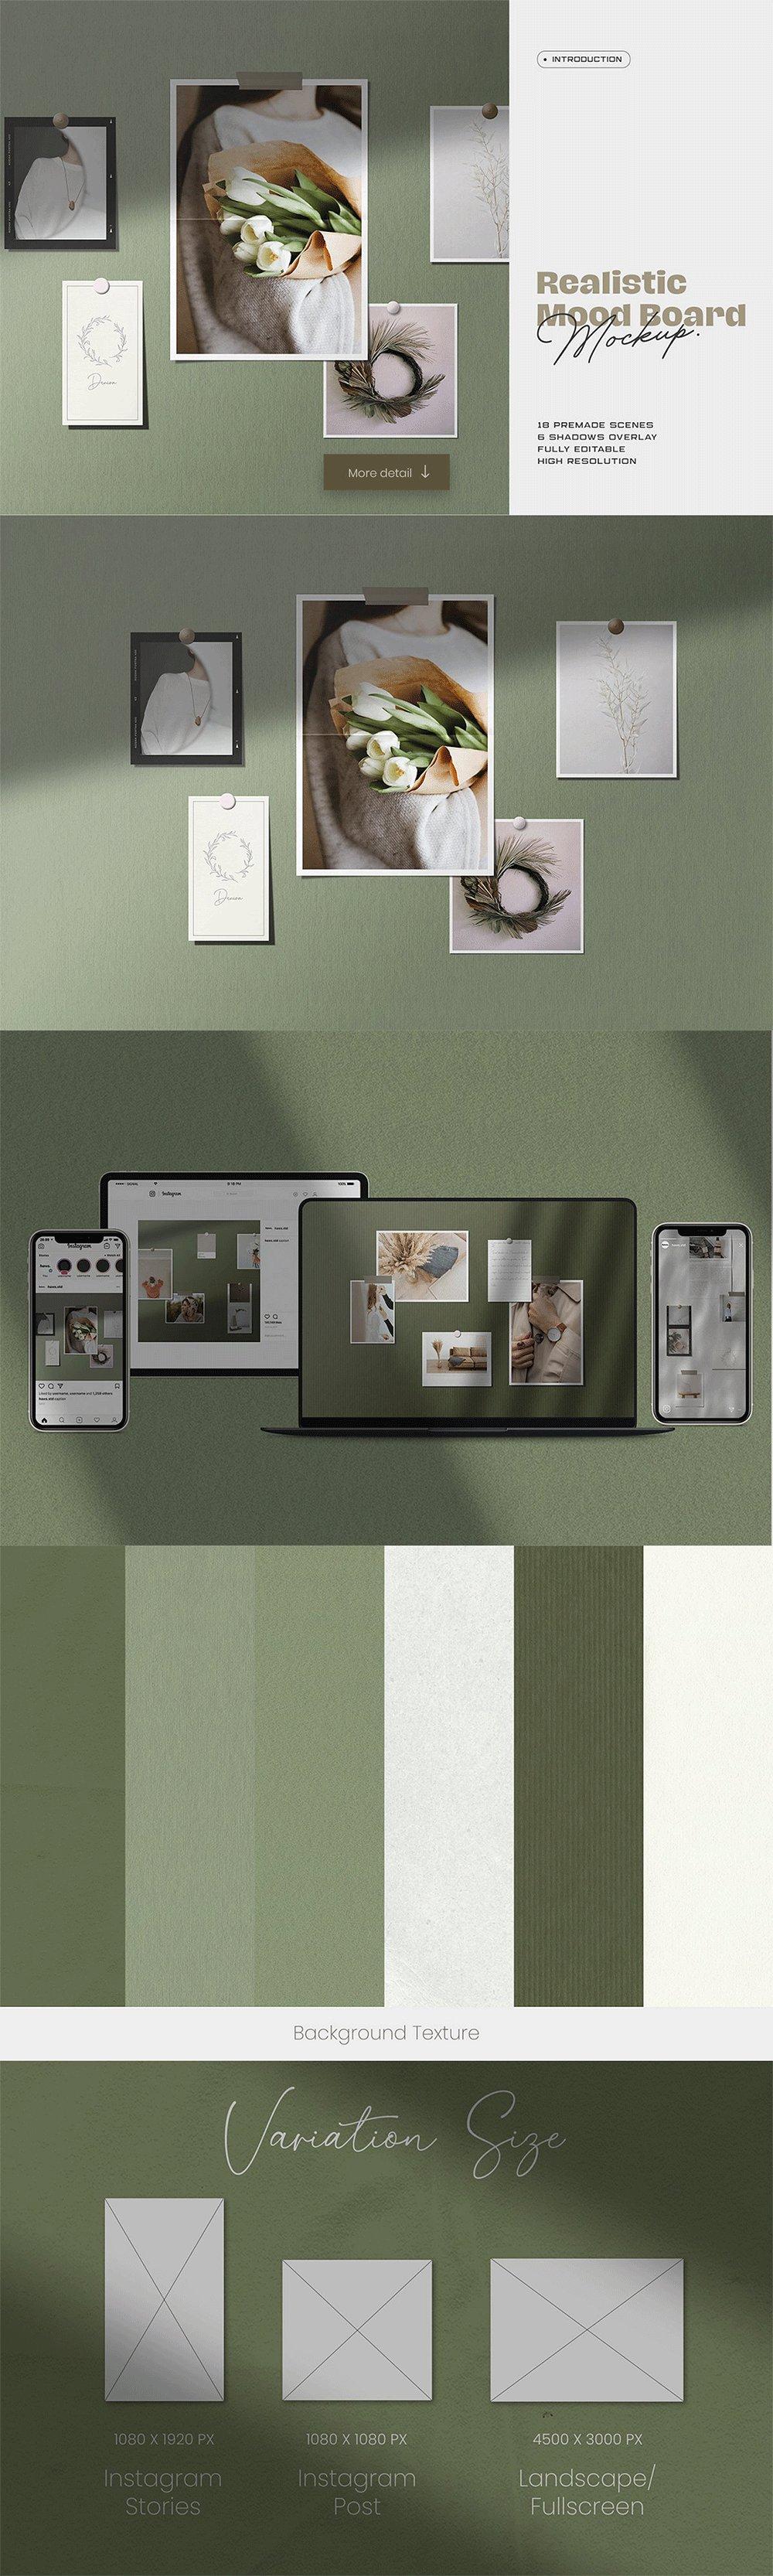 [淘宝购买] 10套文艺情绪板摄影相片卡片拼贴设计PSD源文件 Bundle Moodboard Mockup V2插图(5)